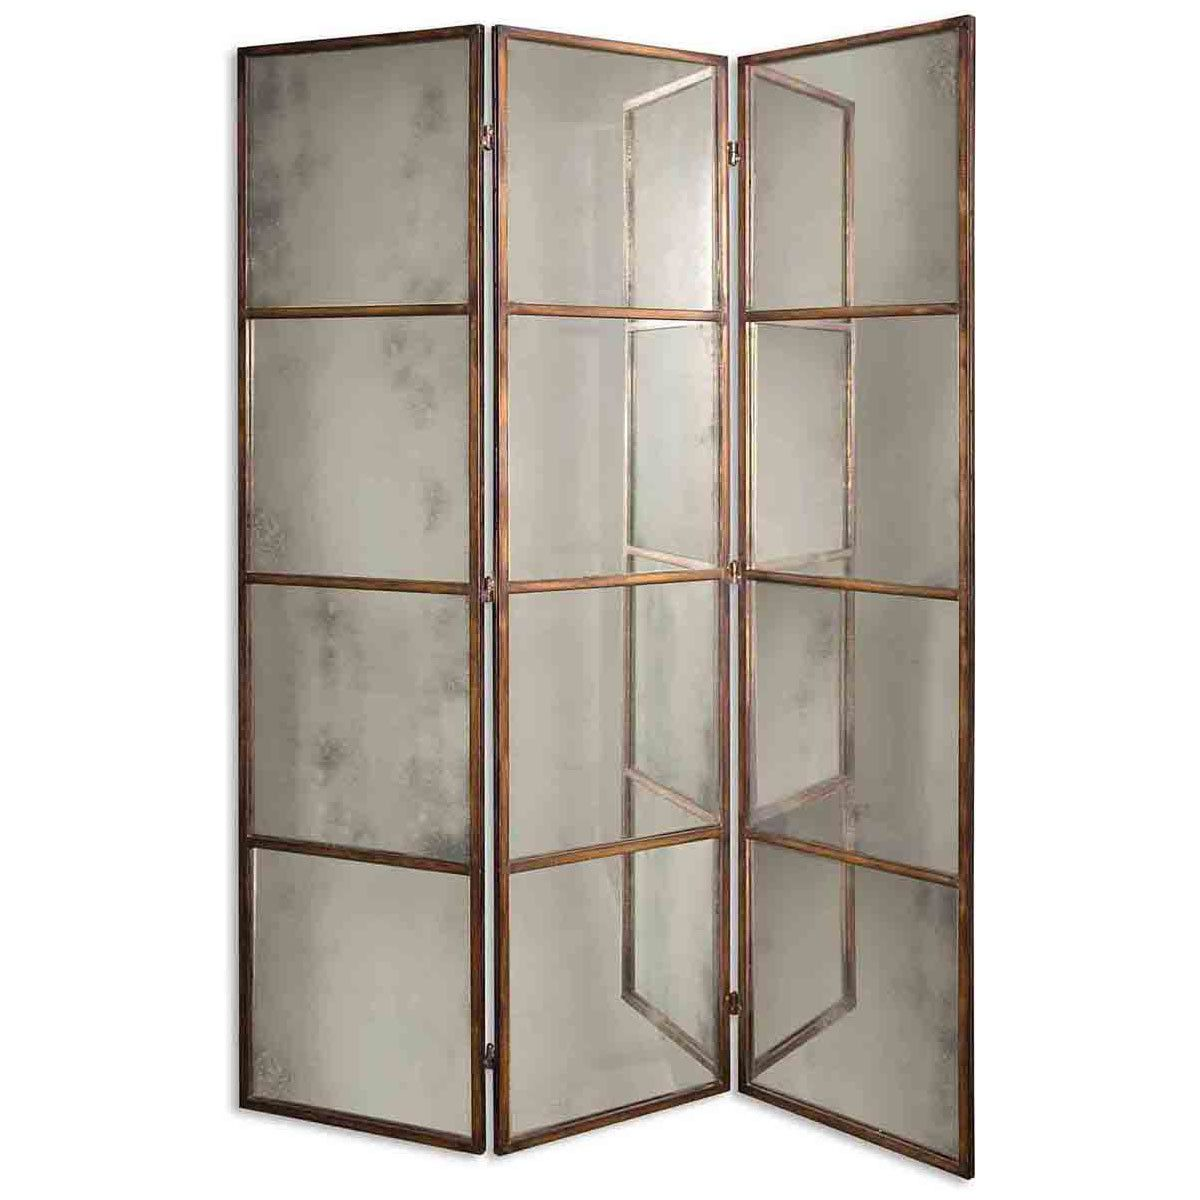 Uttermost avidan panel screen mirror p room divider screen